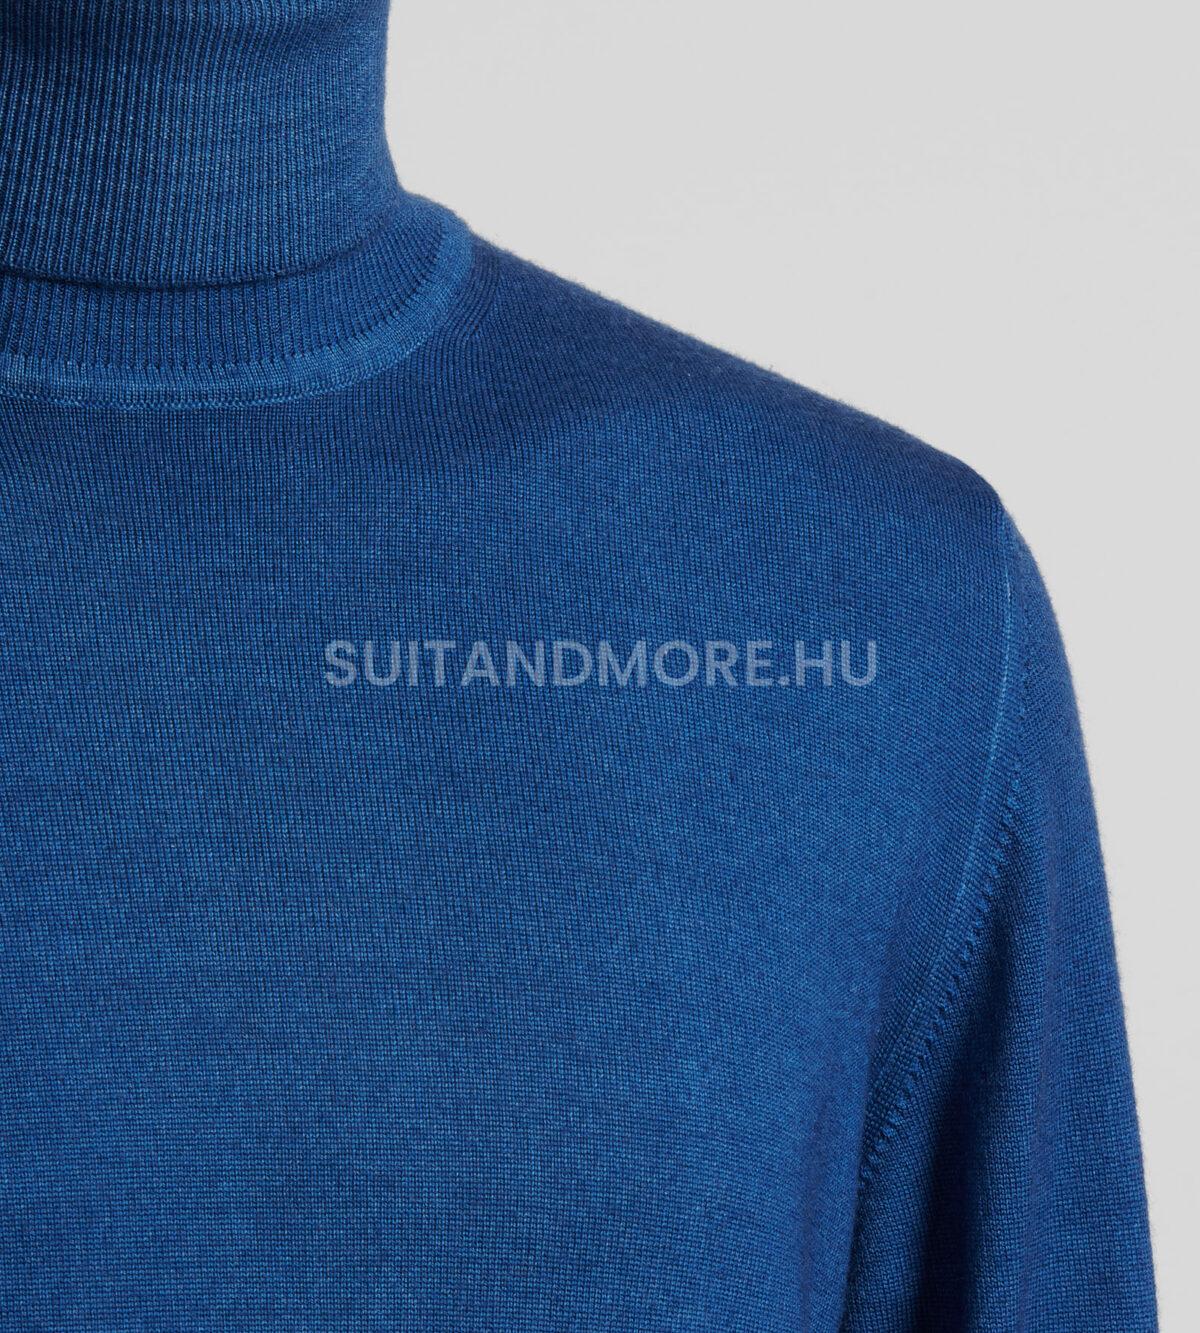 digel-kek-modern-fit-garbo-nyaku-gyapju-pulover-francis1-1-1278001-23-02